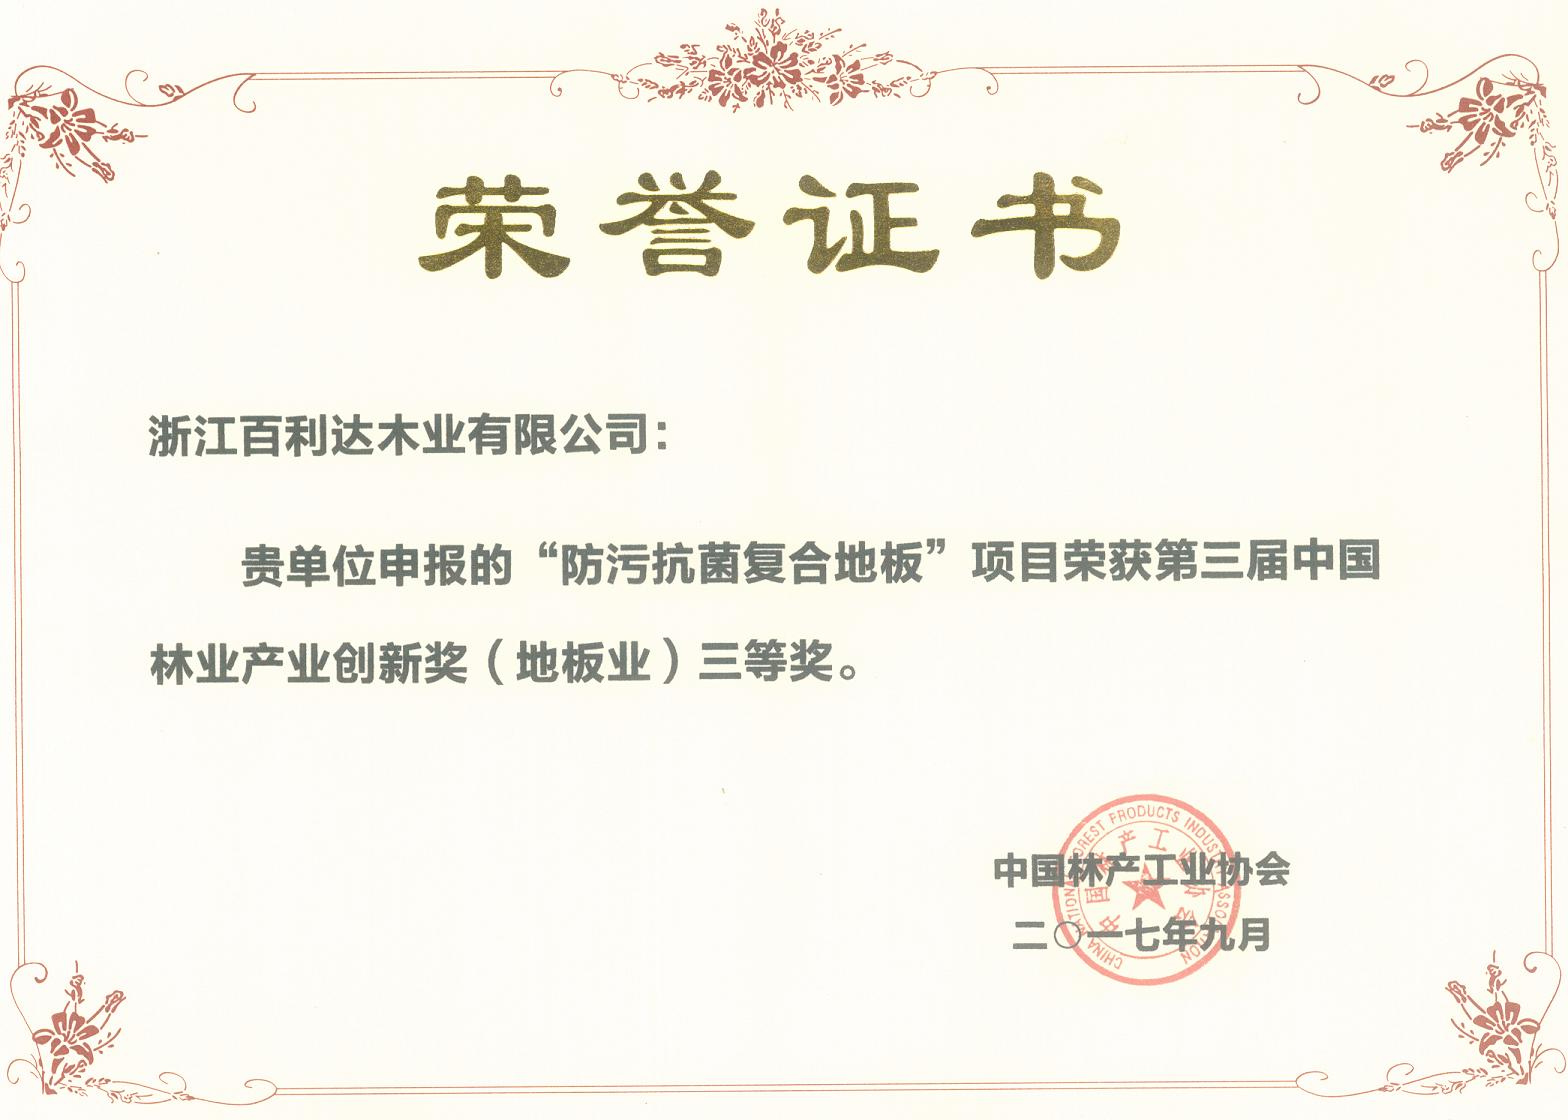 2017中国林产业创新奖